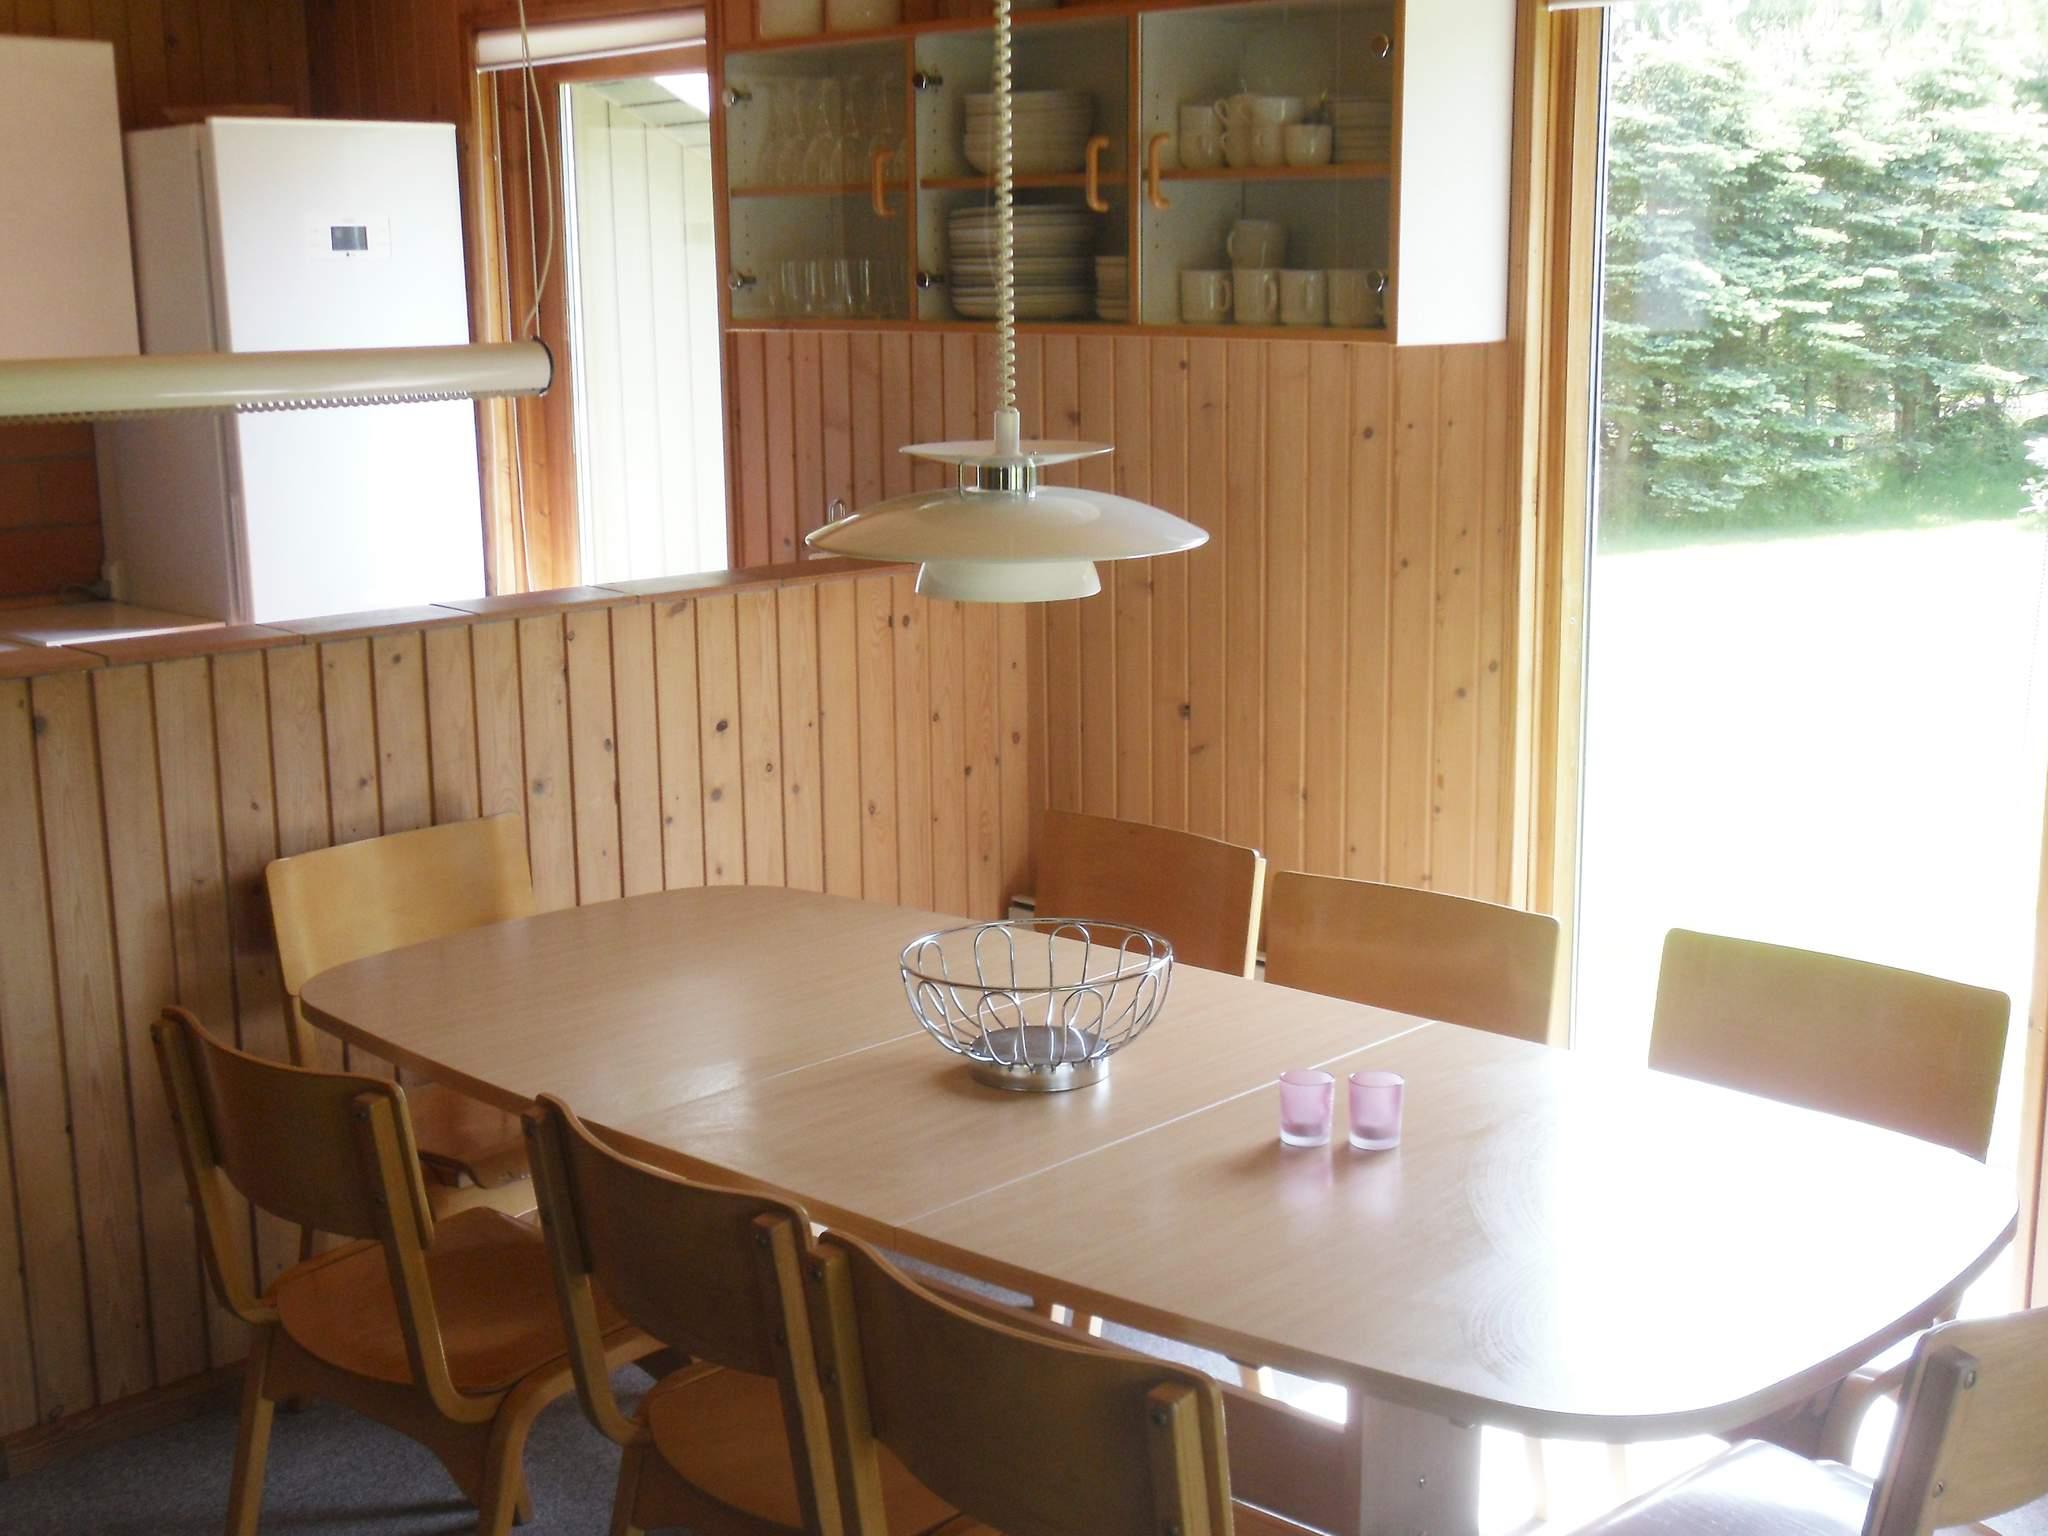 Ferienhaus Marielyst (87236), Marielyst, , Falster, Dänemark, Bild 4